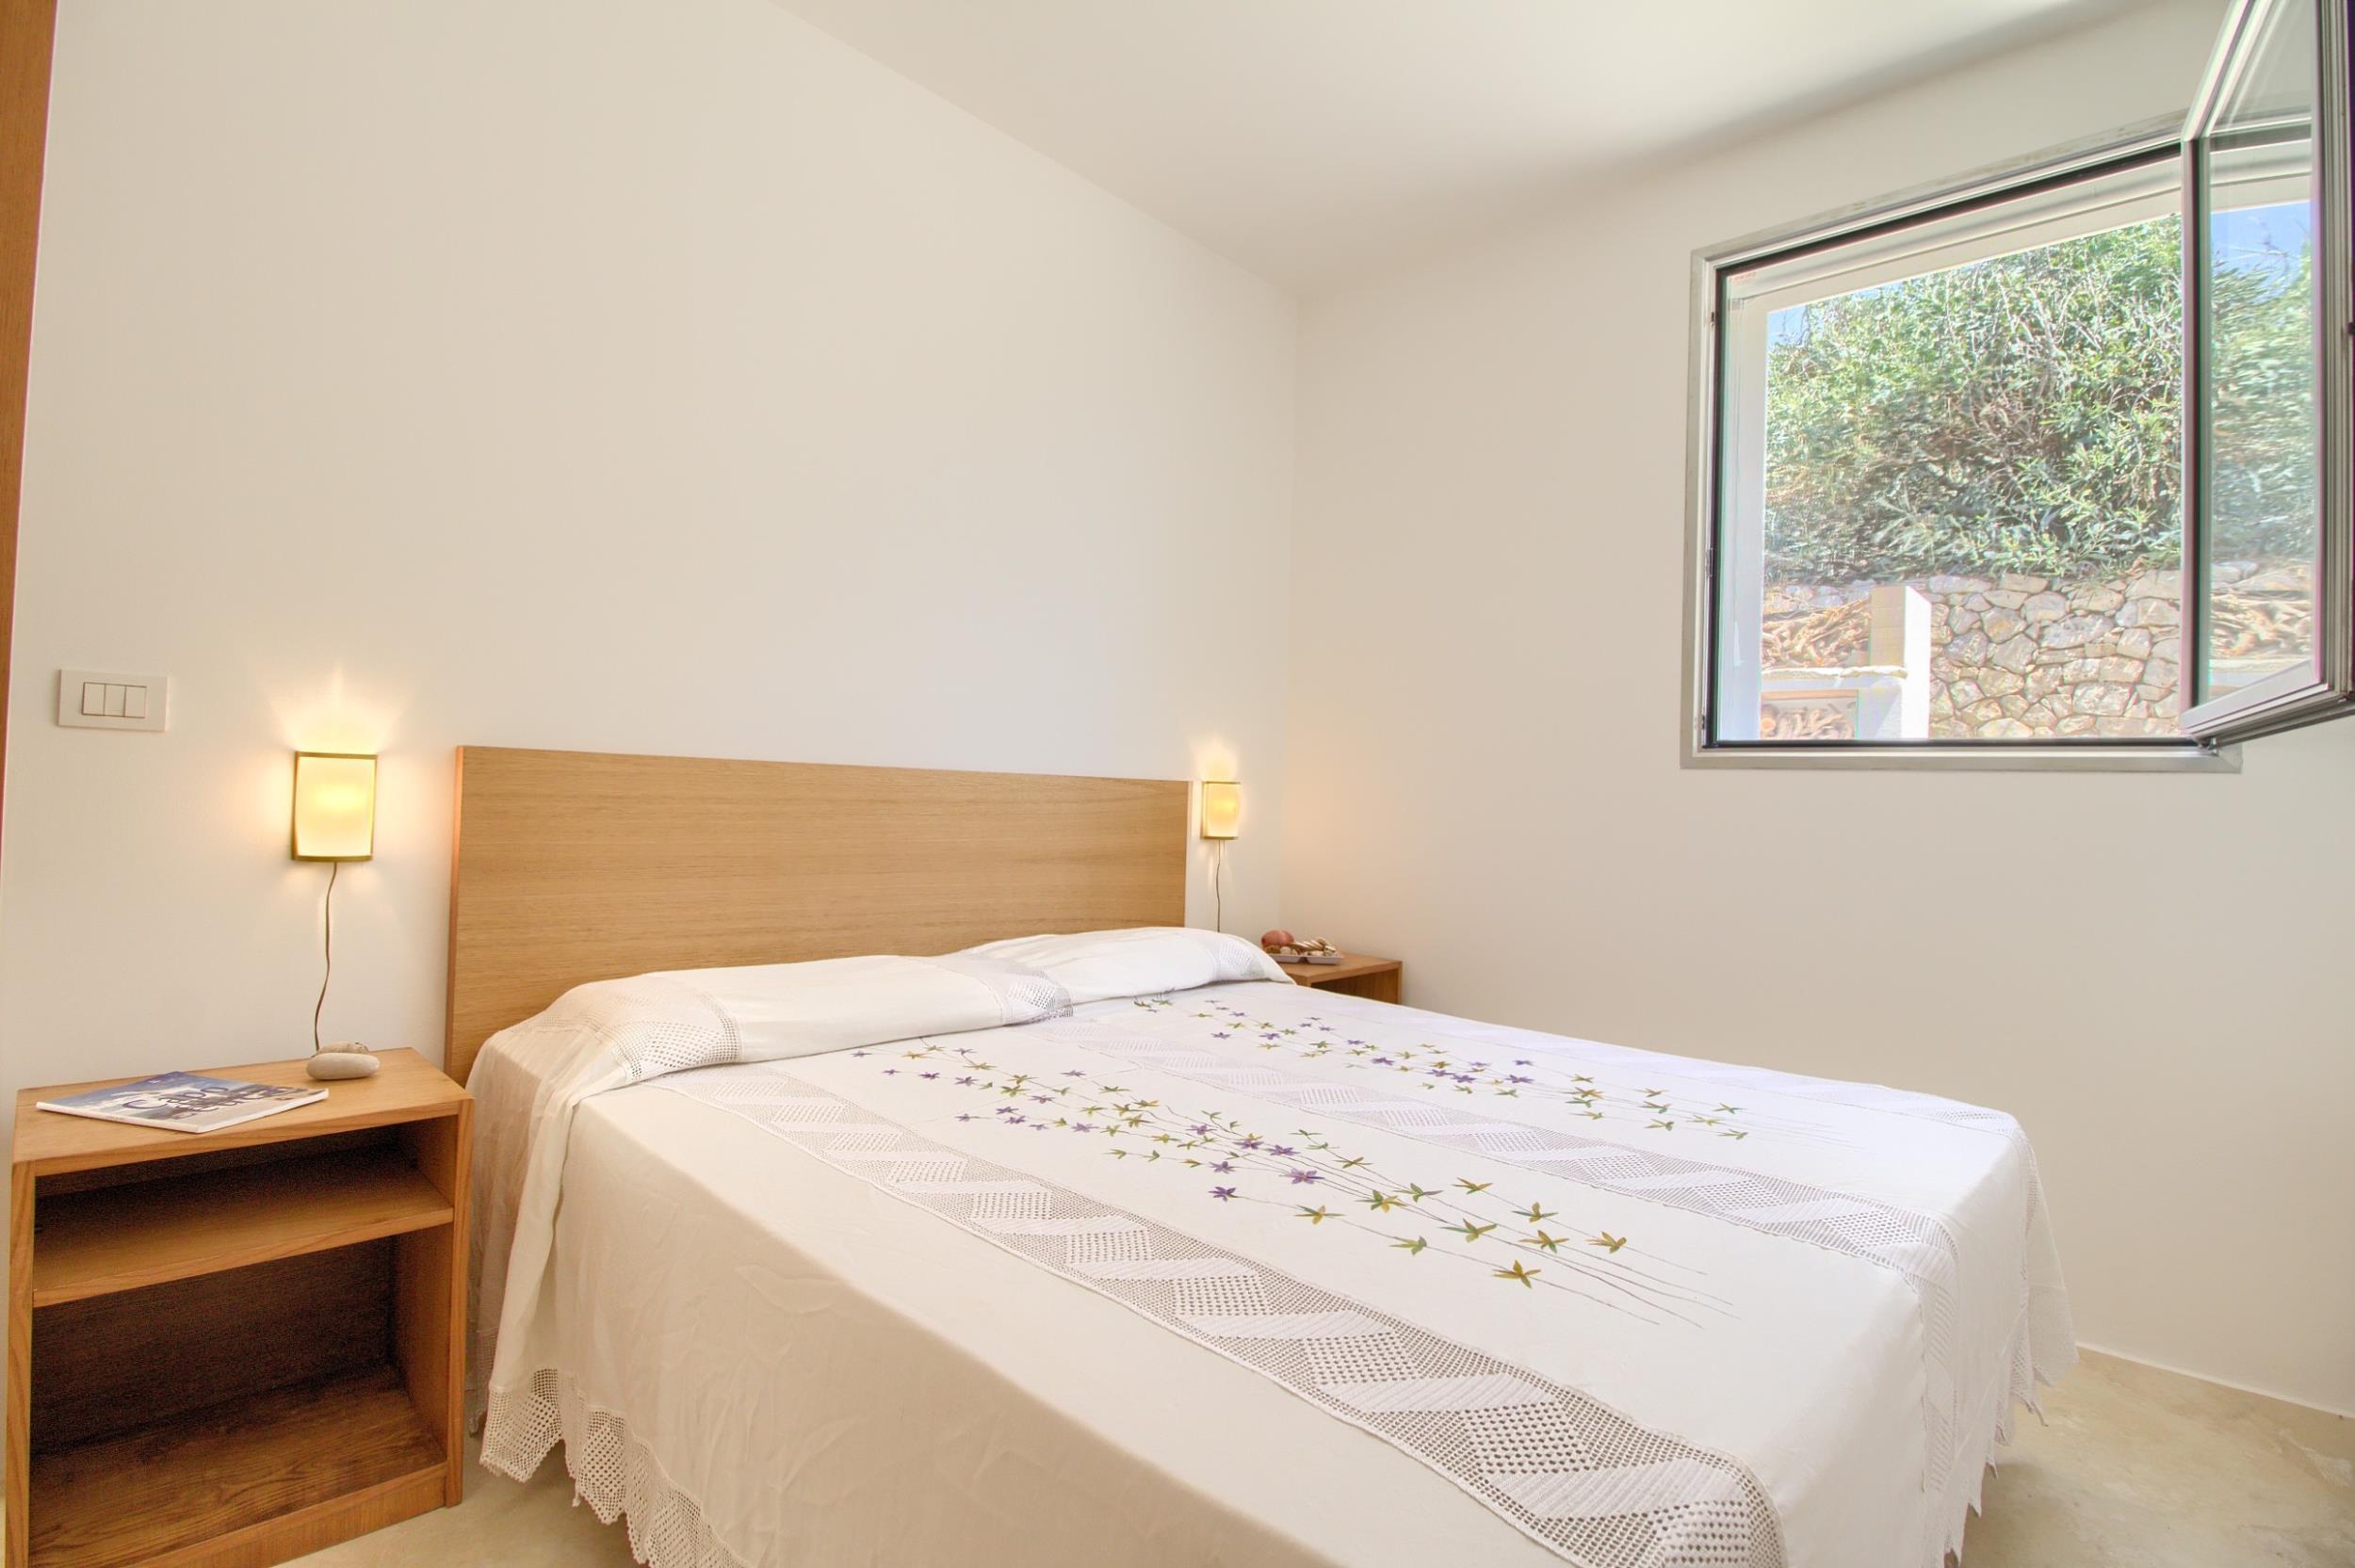 Apartment Rifugio private sea access photo 22514775